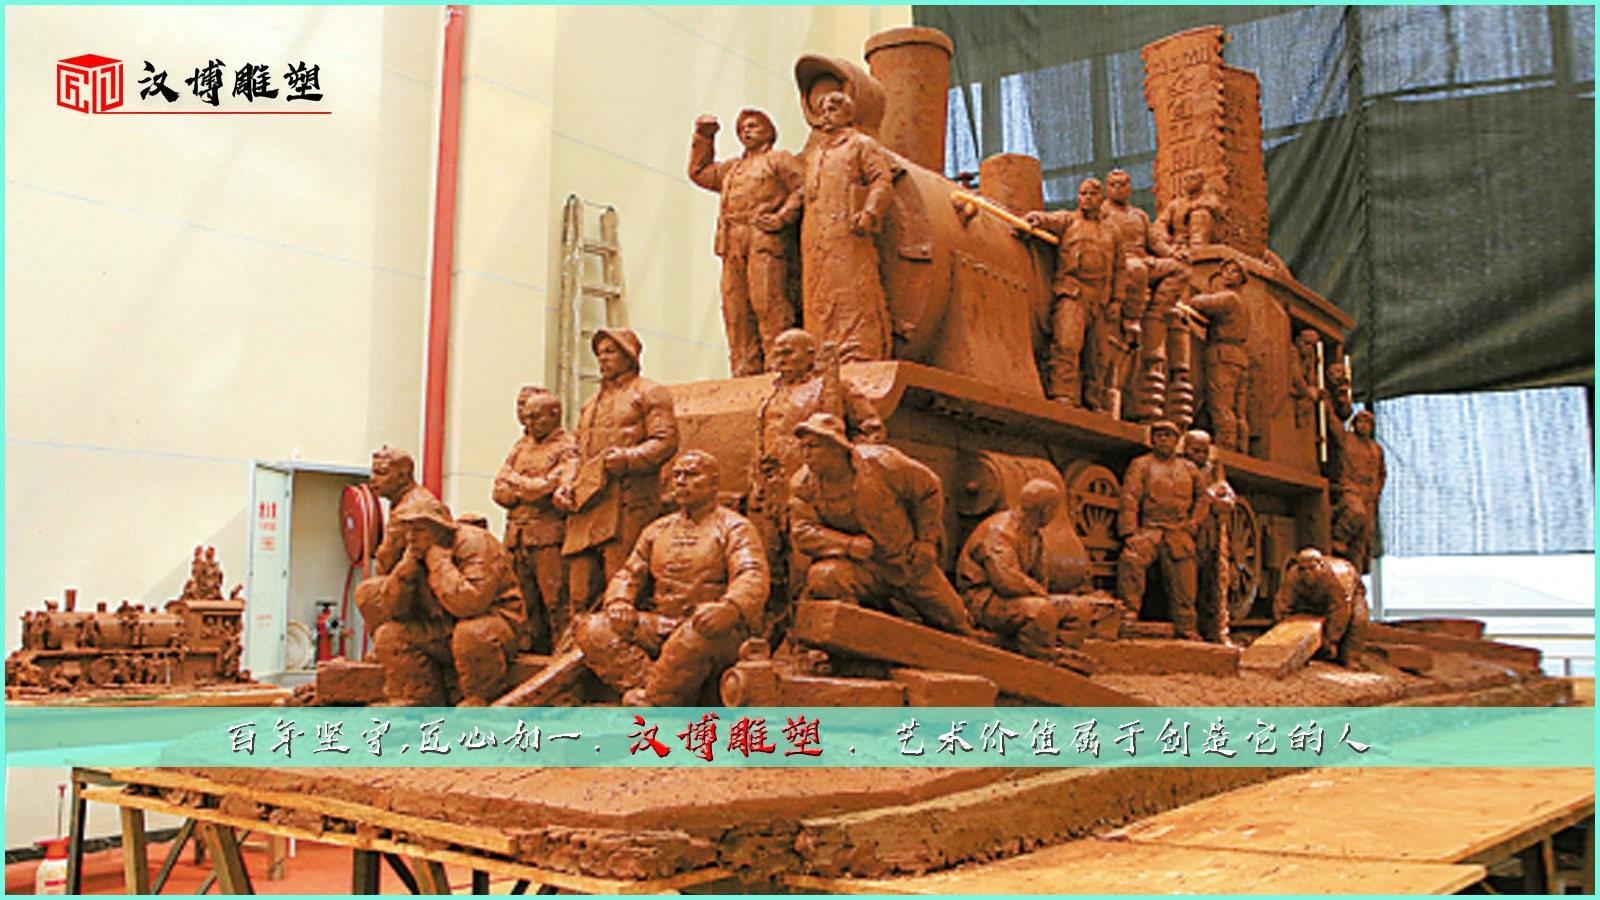 铁路铸铜雕塑,踏踏实实走好每一步